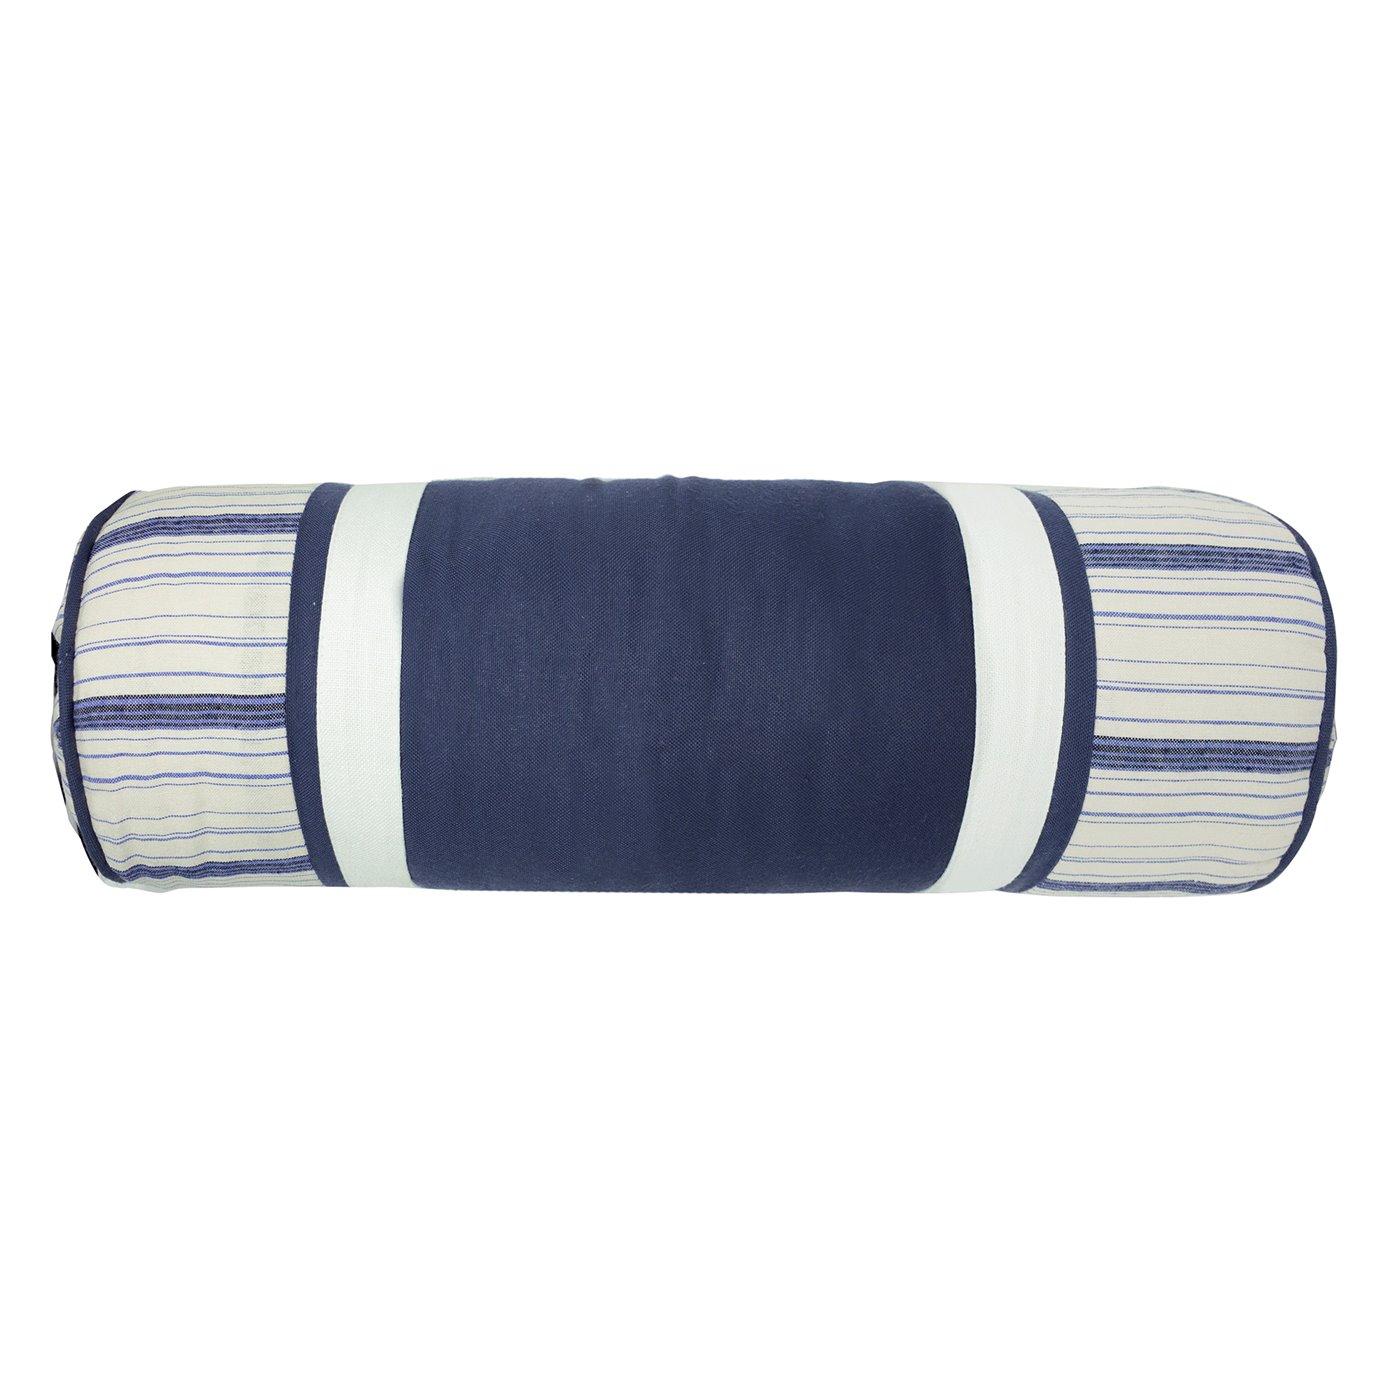 Leland Neckroll Pillow 21x7